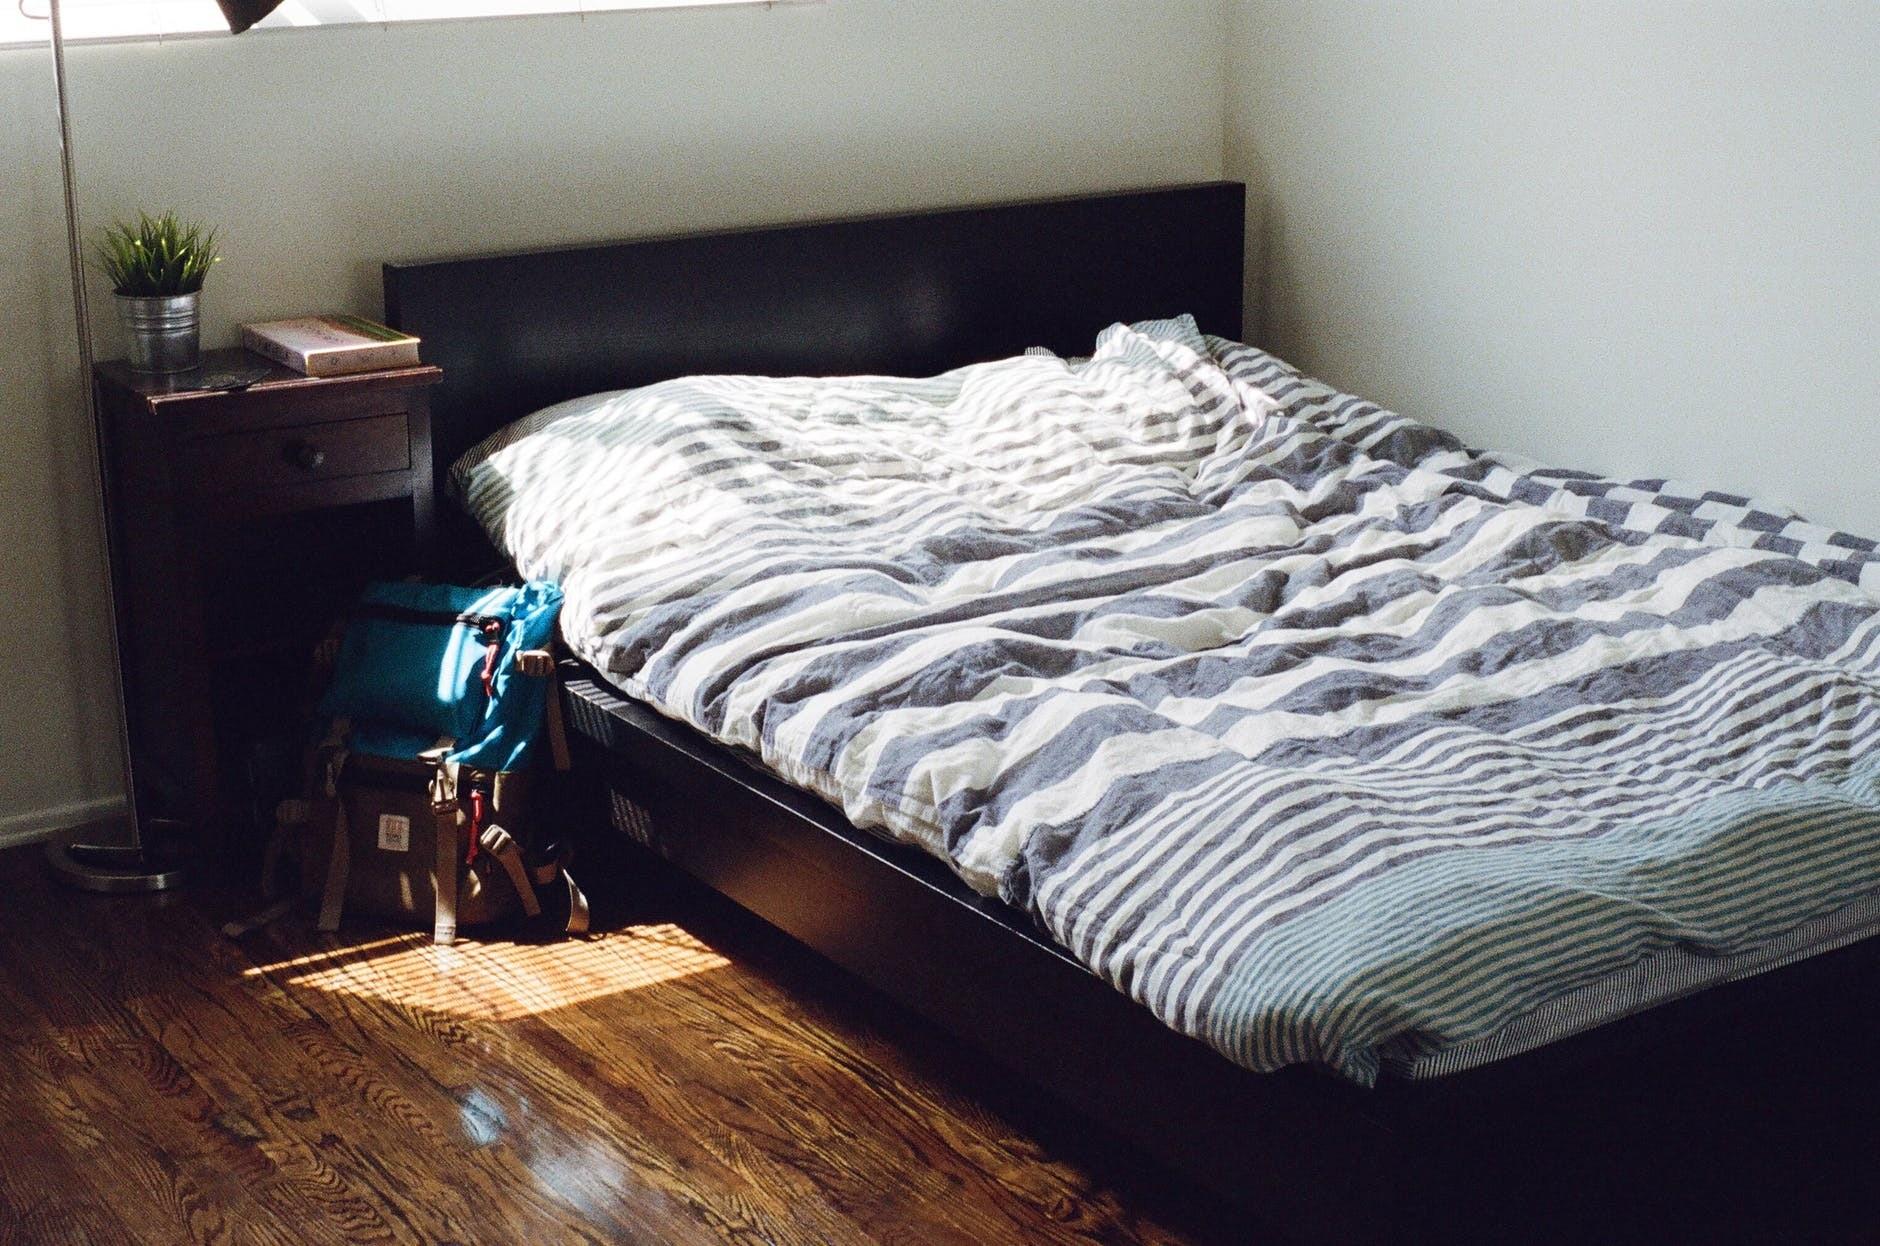 Это очень бесит: как заправить одеяло в пододеяльник